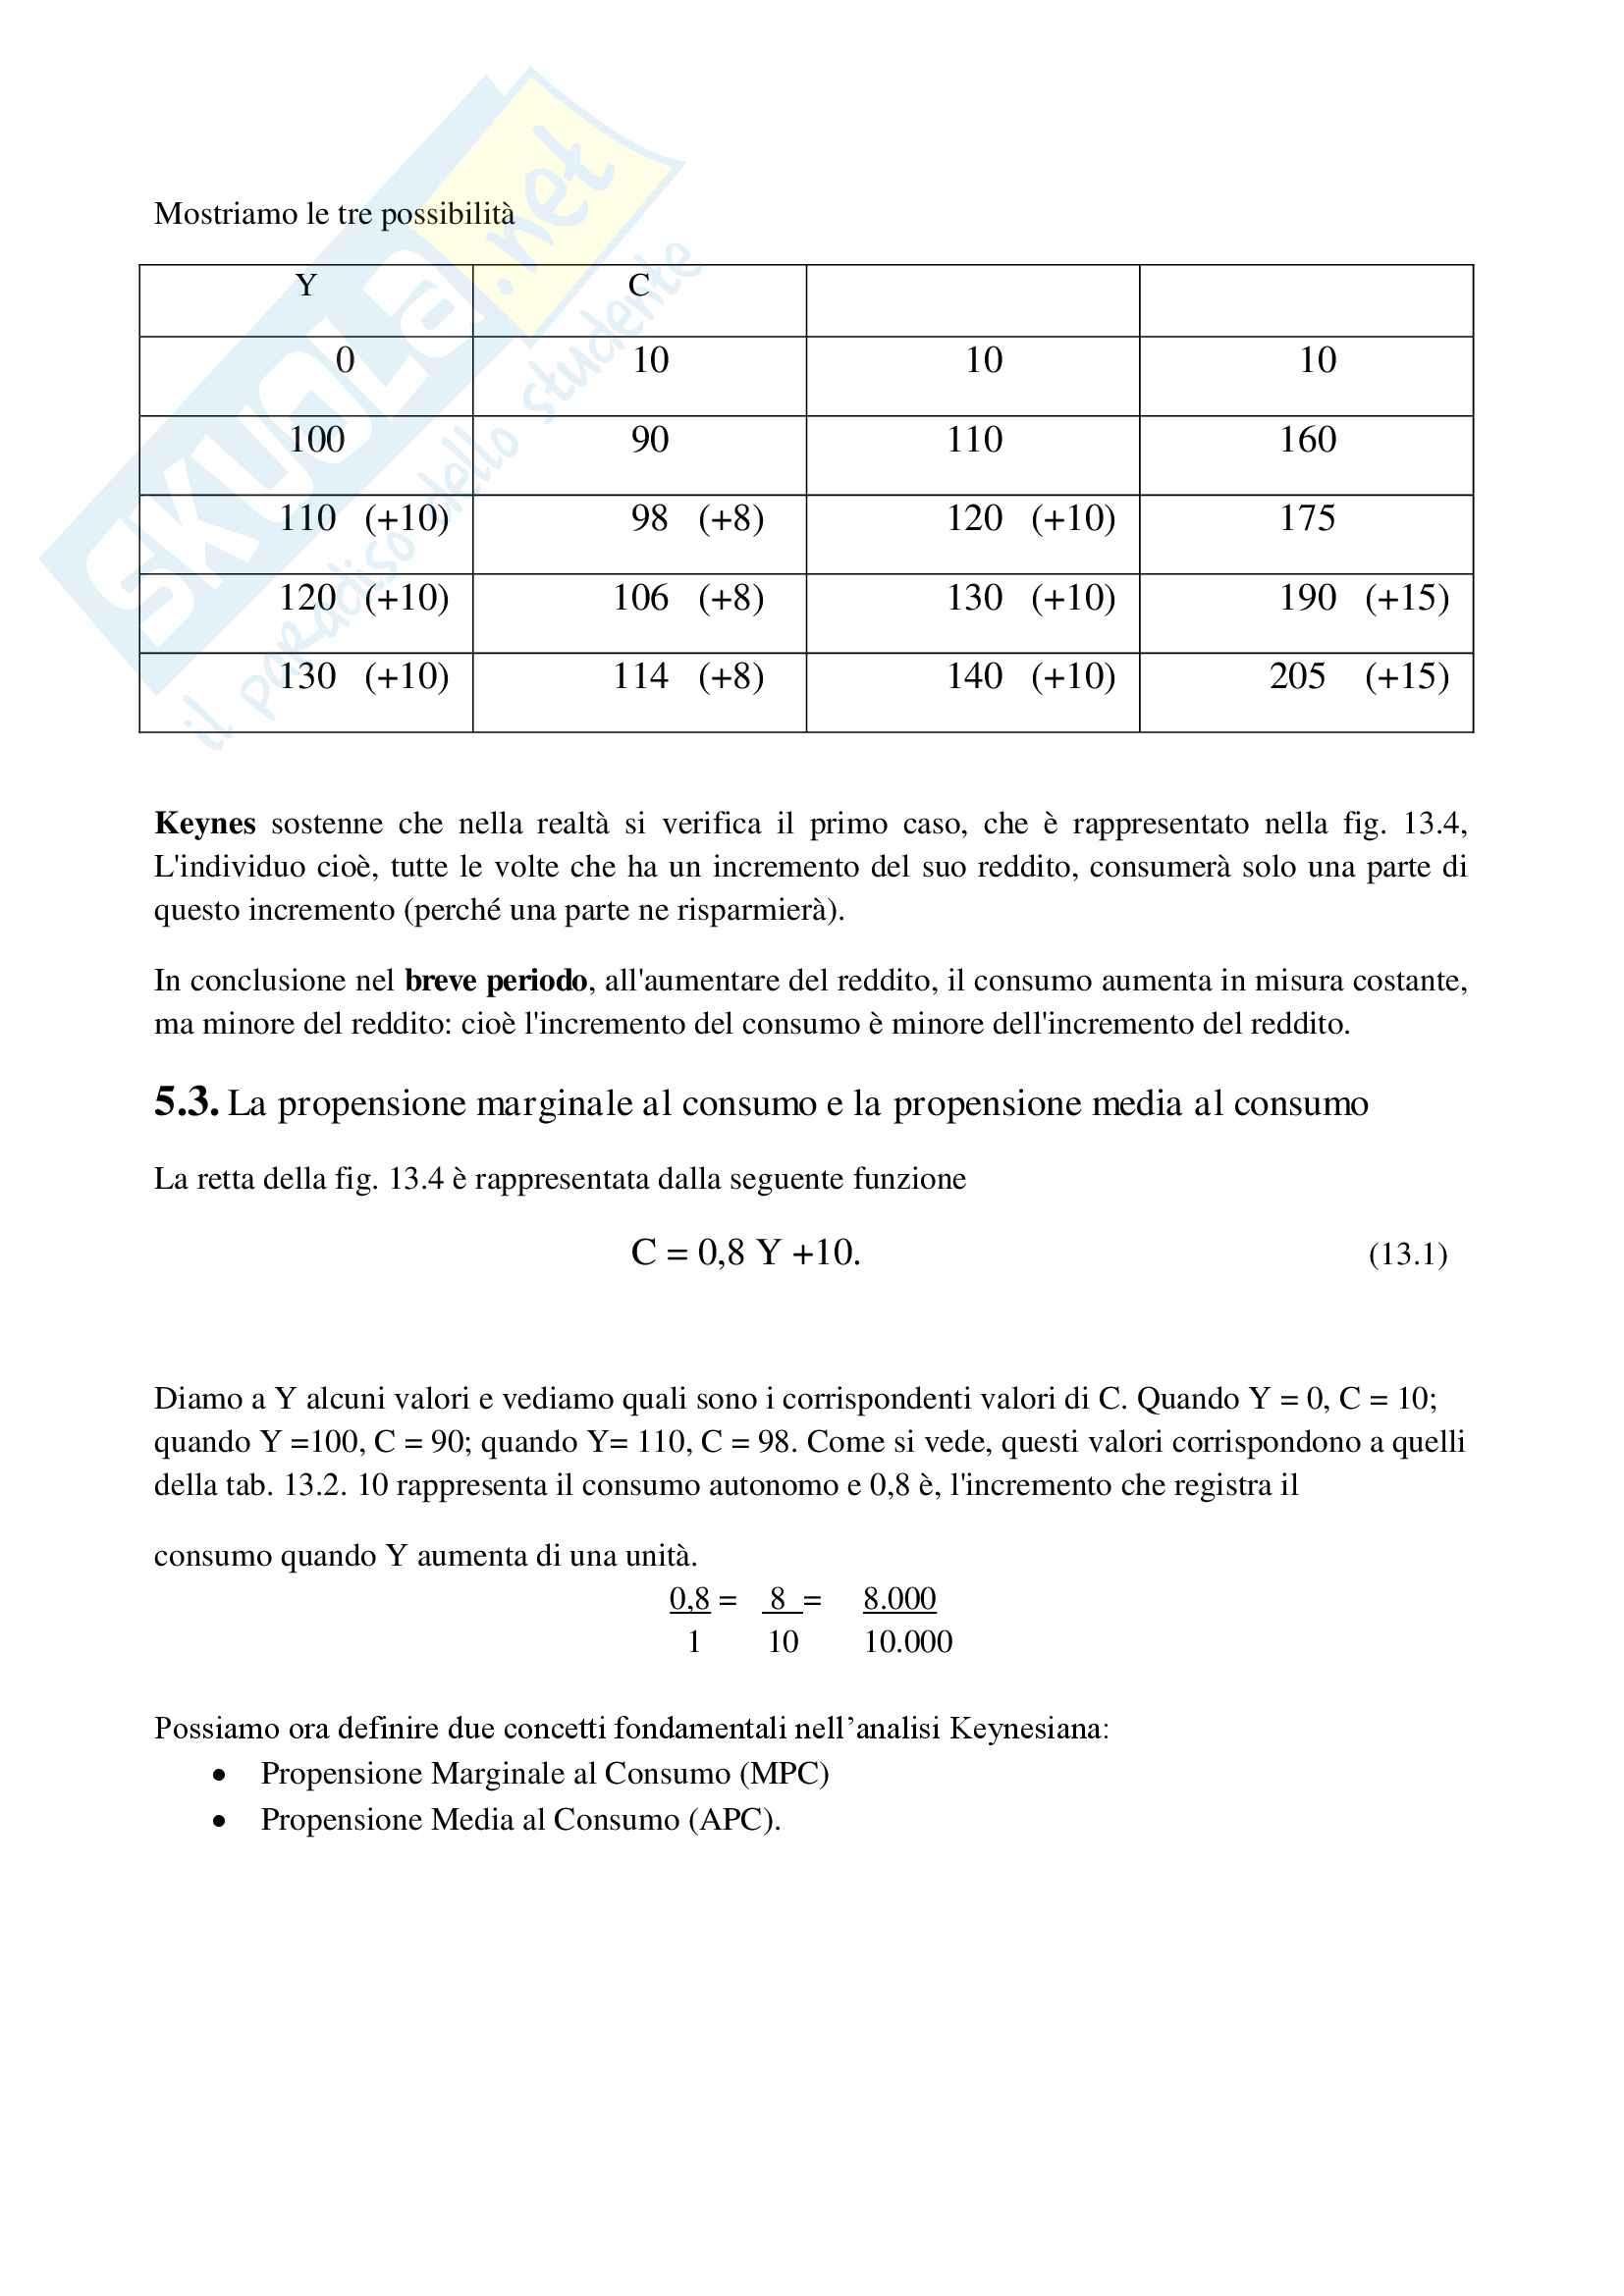 Riassunti con grafici di Economia Politica (sia Micro che Macro) Pag. 66